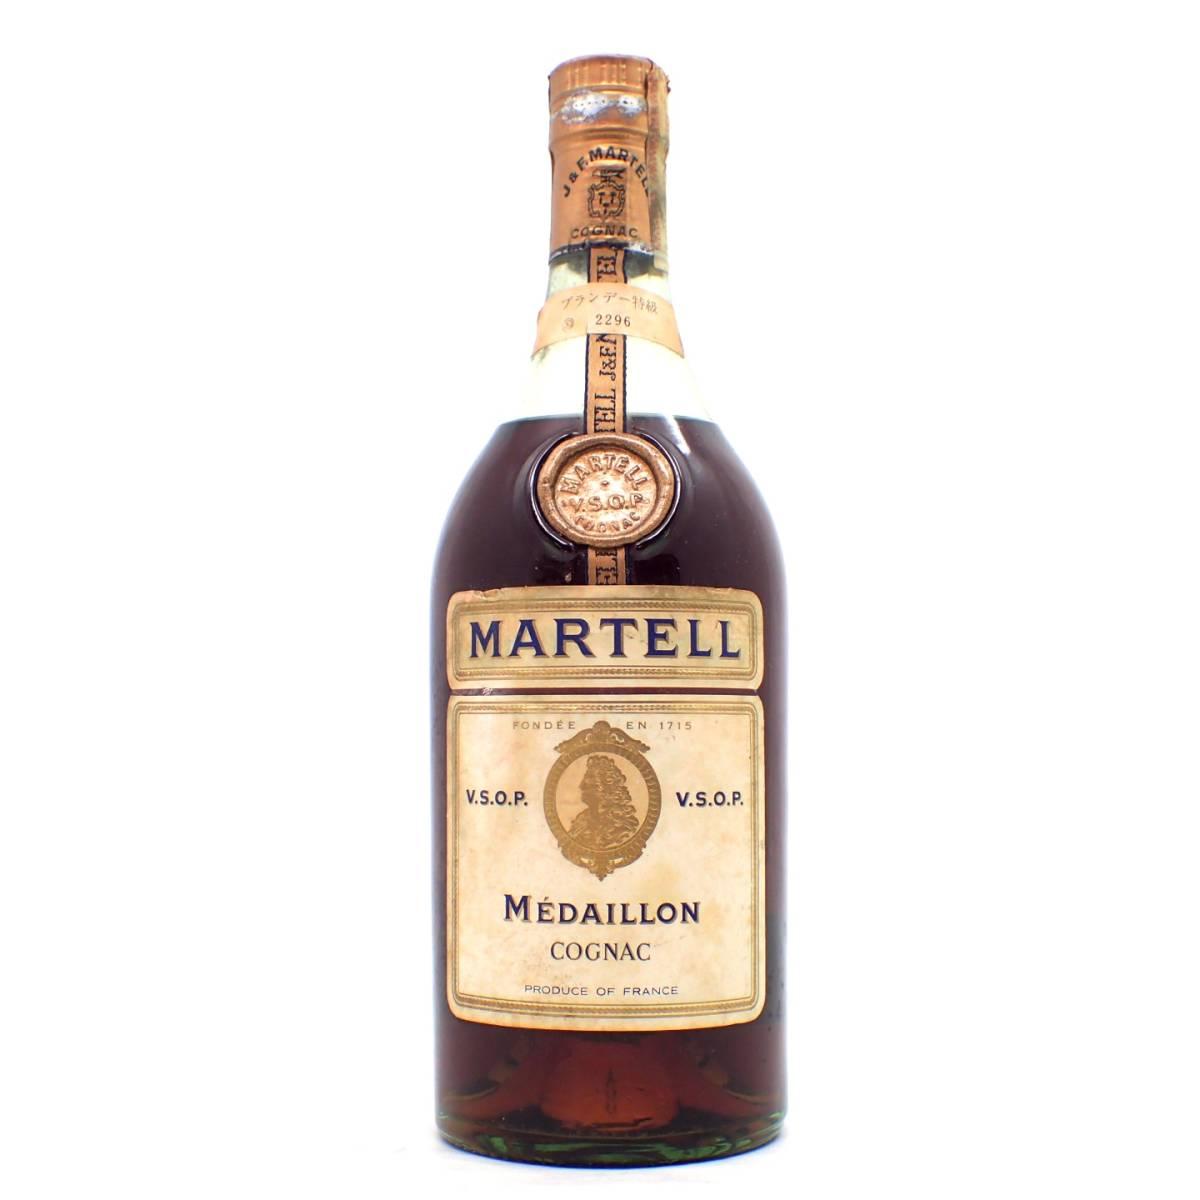 未開栓★MARTELL マーテル VSOP メダイヨン 旧 白ラベル グリーンボトル 特級 700ml